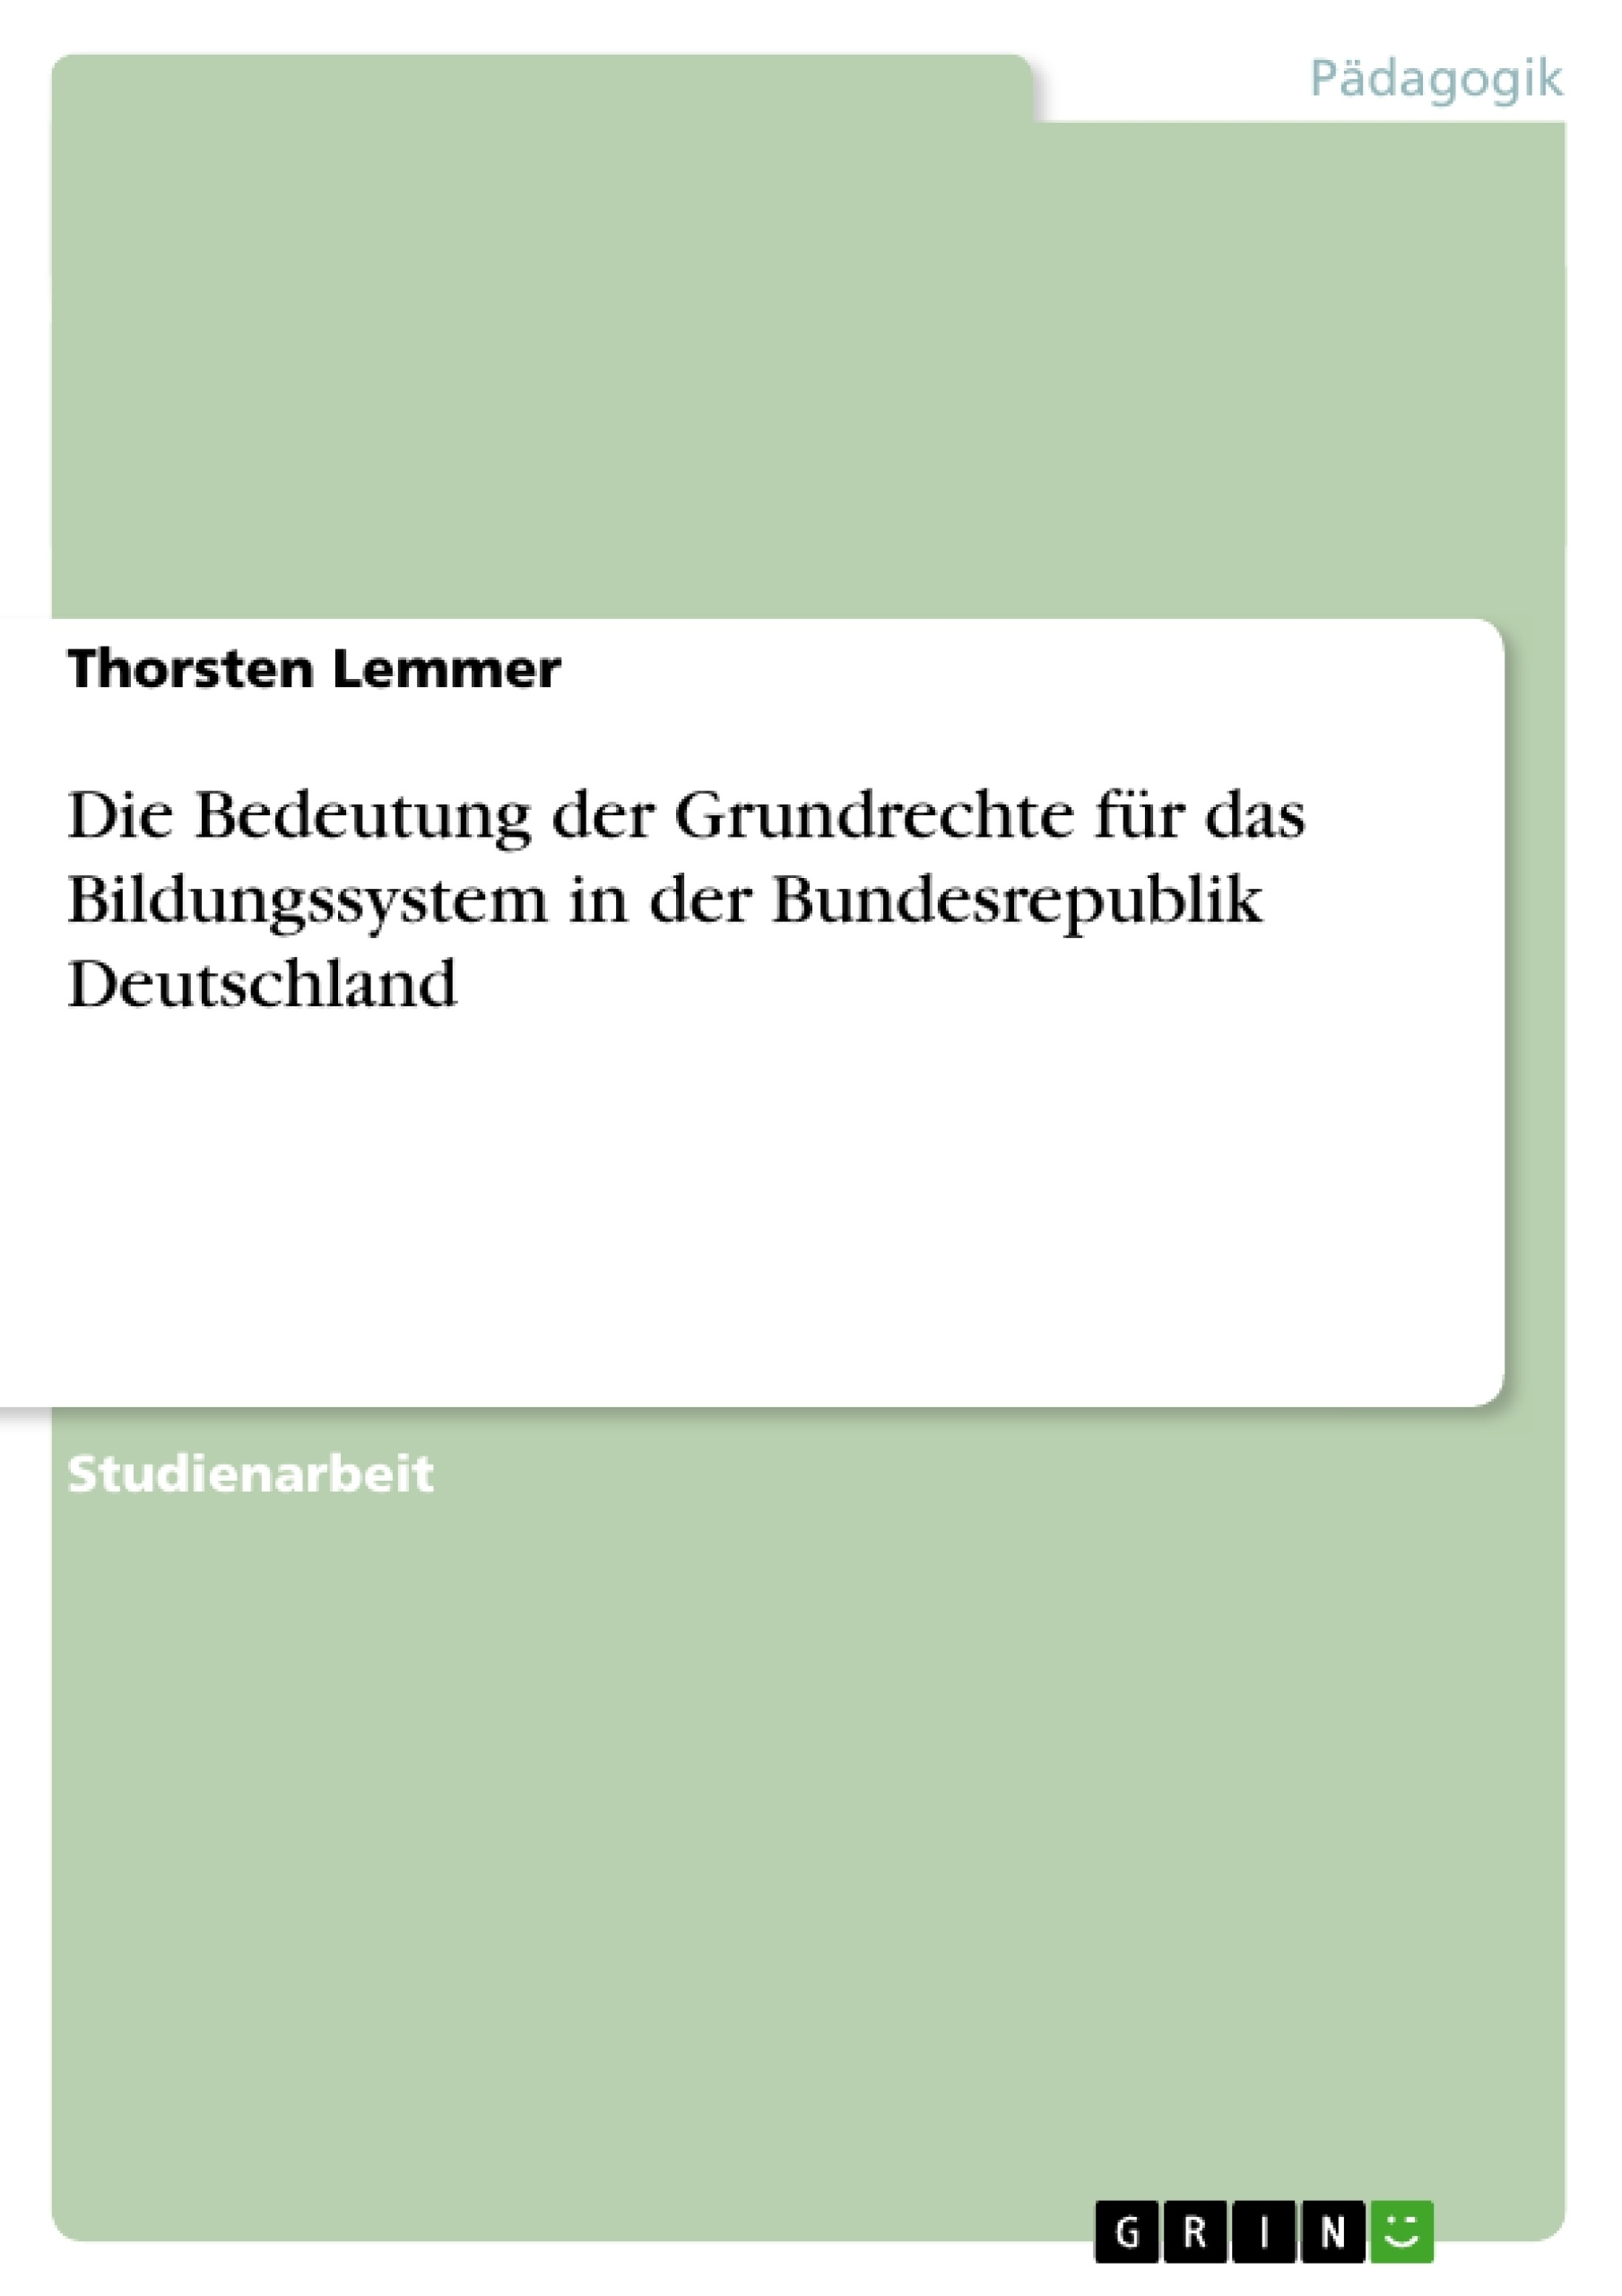 Titel: Die Bedeutung der Grundrechte für das Bildungssystem in der Bundesrepublik Deutschland